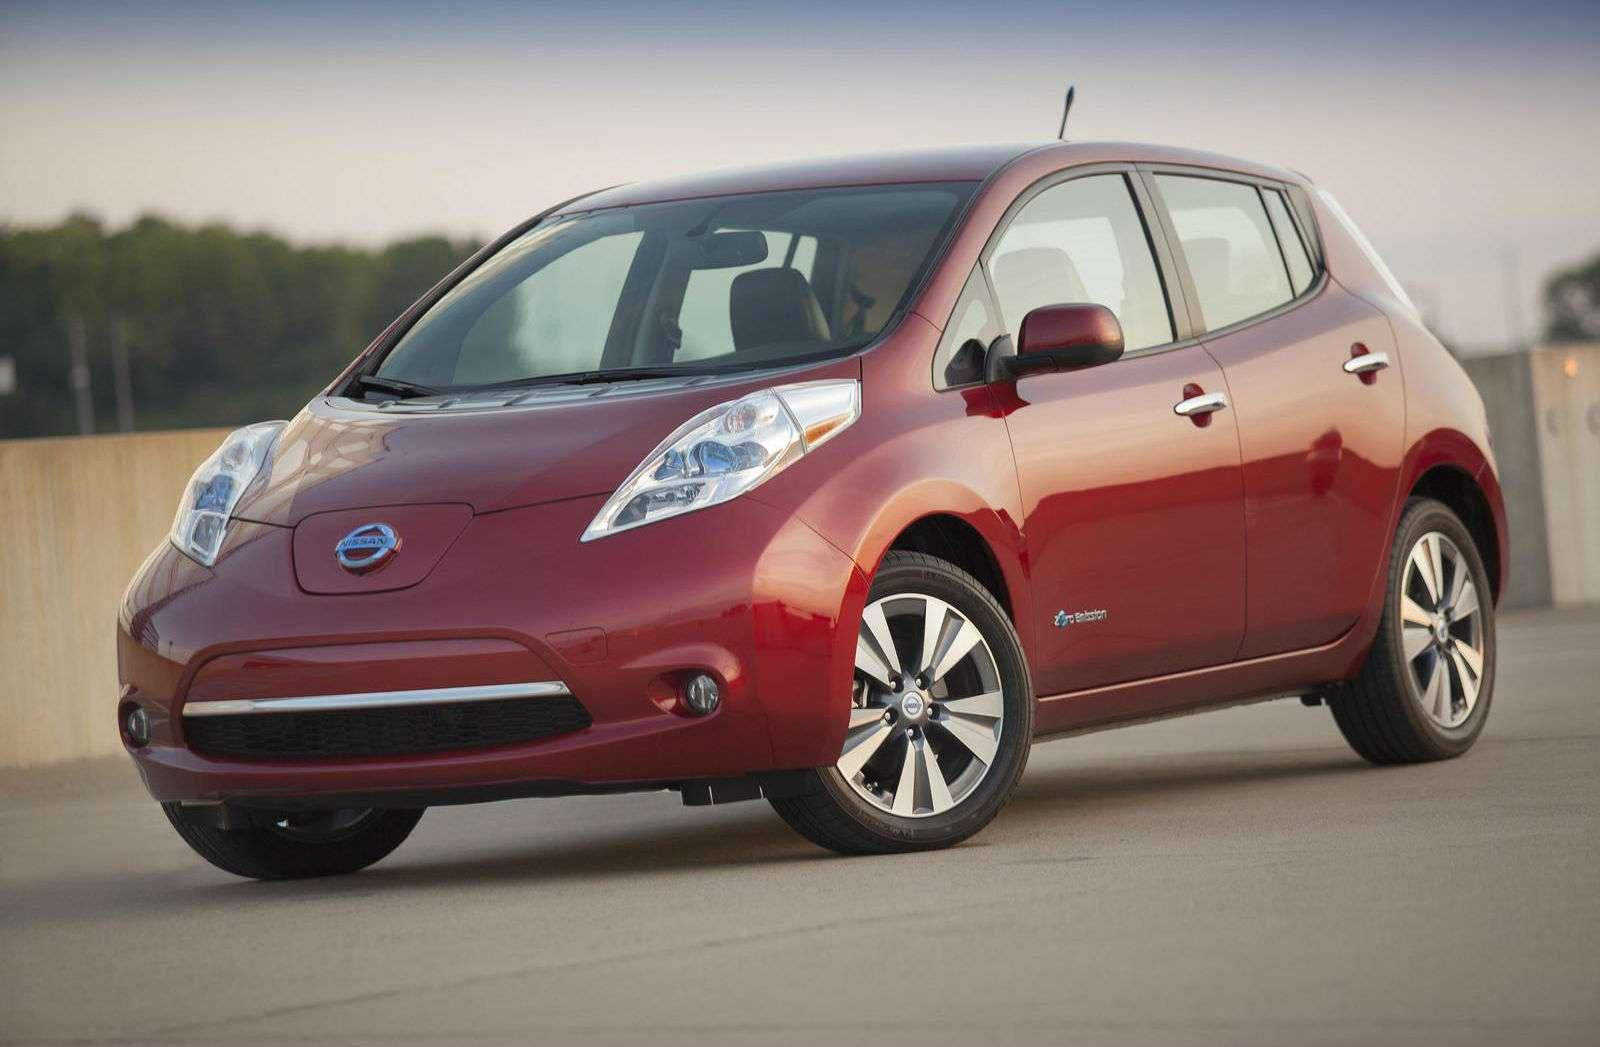 nissan leaf - Nissan Leaf Visia